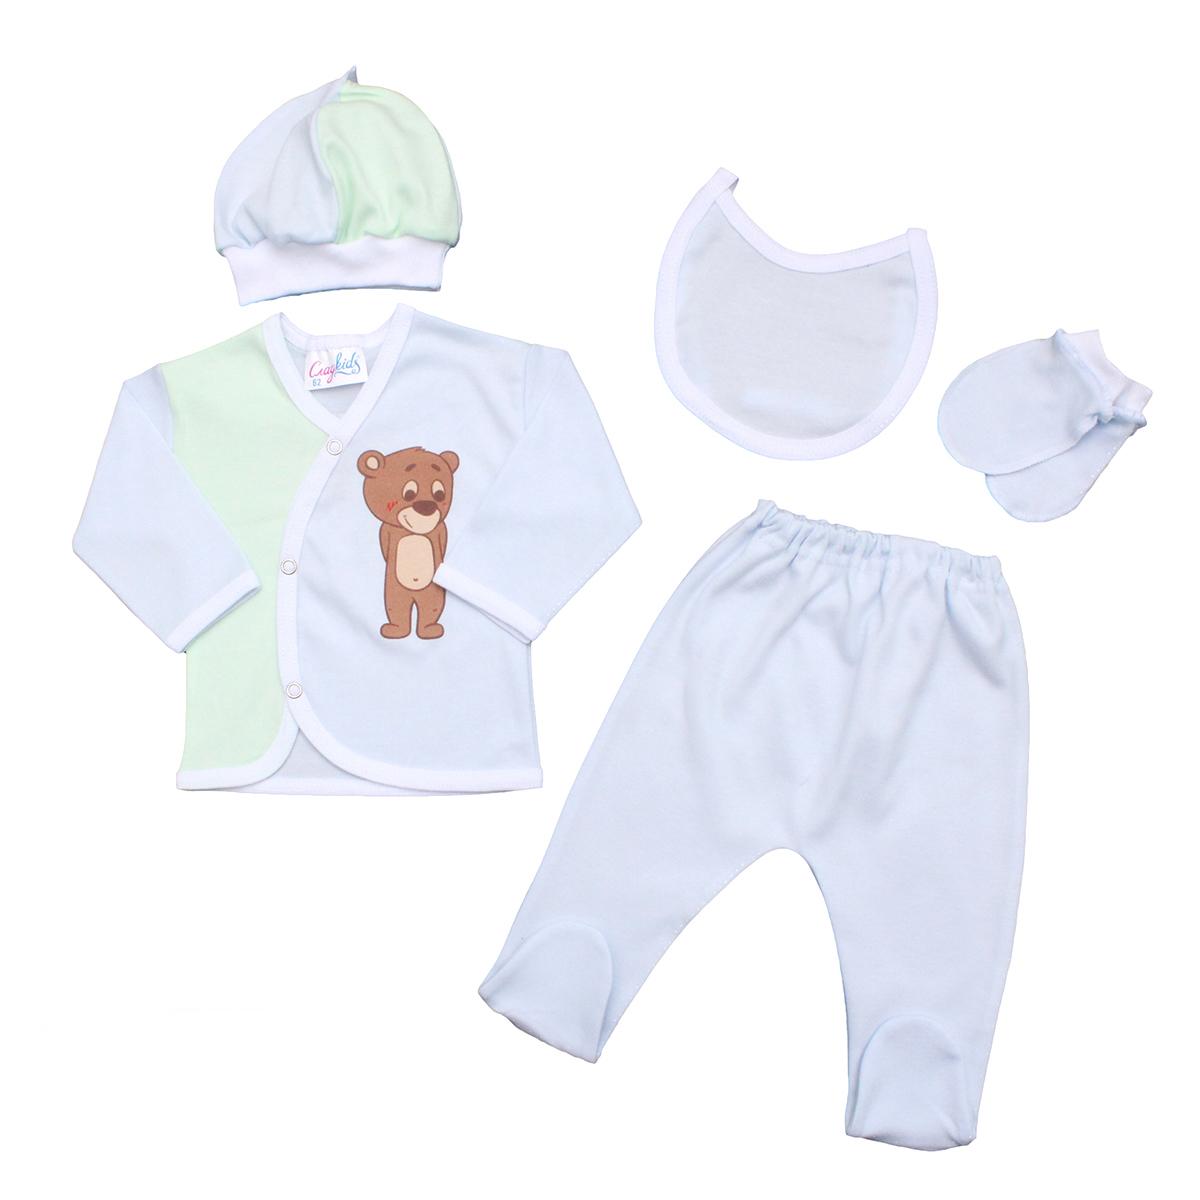 Сбор заказов.Супербюджетный трикотаж для малышей. Только натуральные ткани и отличное качество 6.Огромный пристрой. Много новинок.Появилась одежда для крещения.